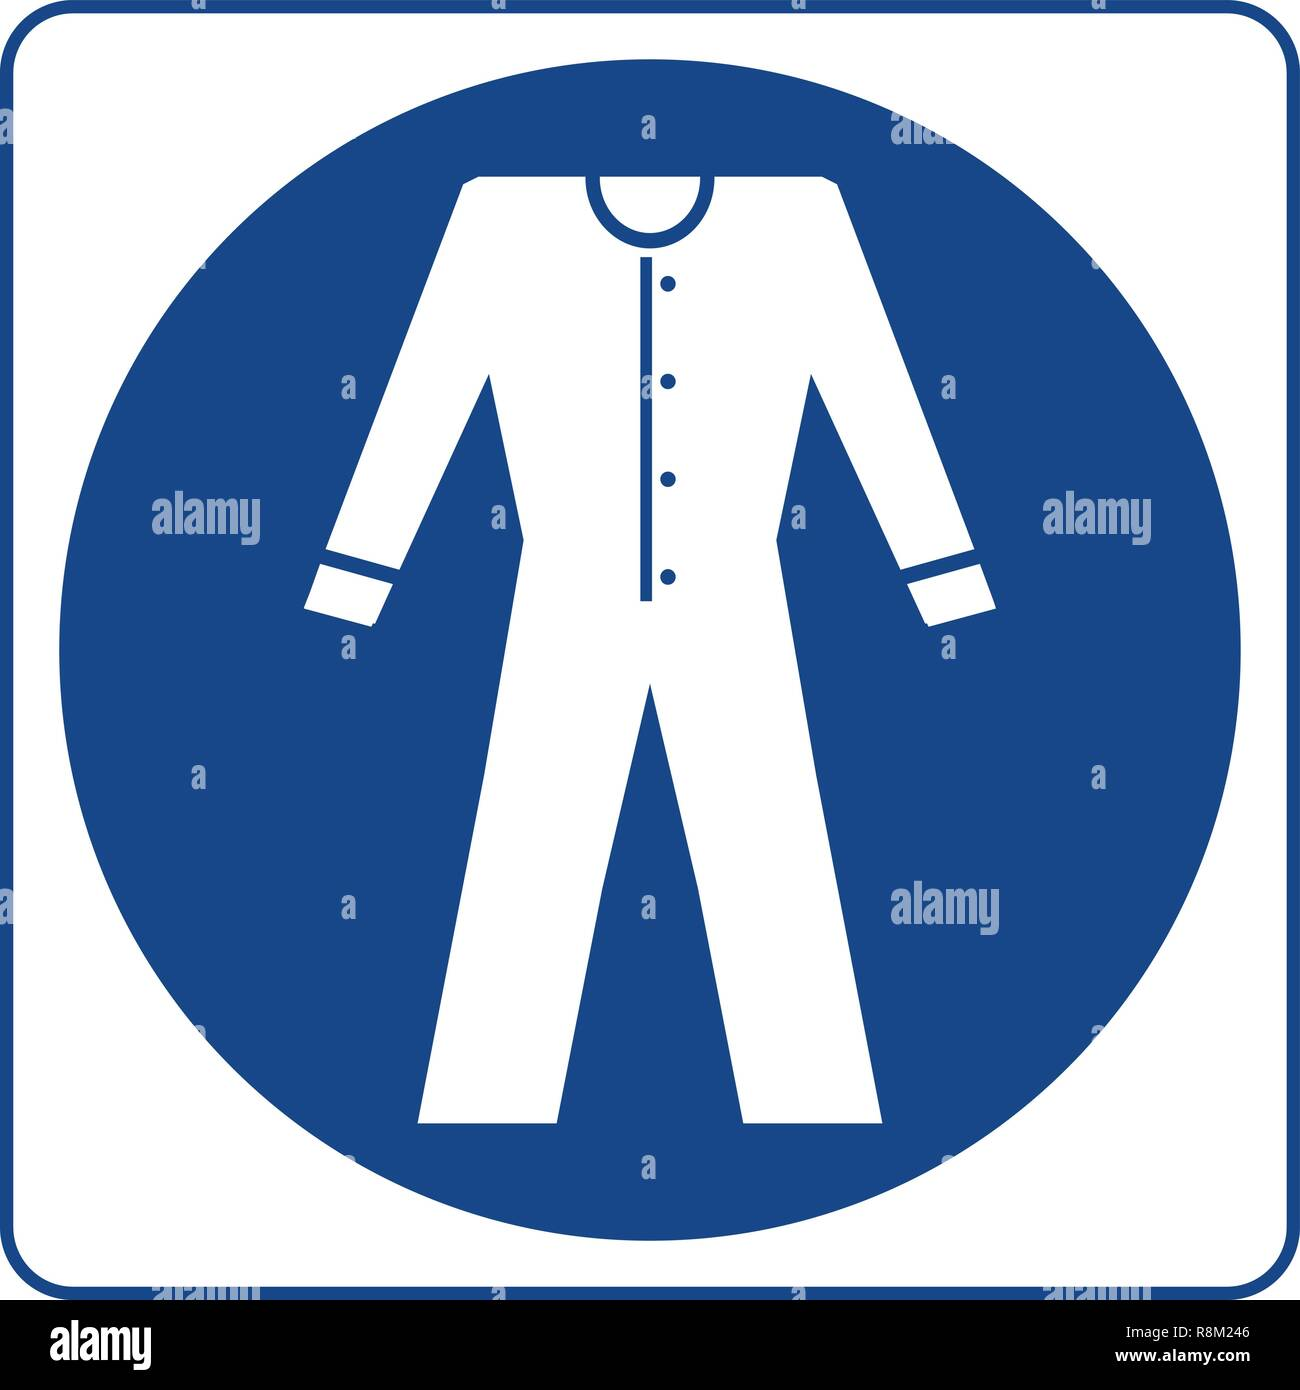 Vecteur d'affichage obligatoire - Porter des vêtements haute visibilité, vêtements de symbole, étiquette, autocollant. Vêtements haute visibilité est obligatoire dans cette zone Photo Stock